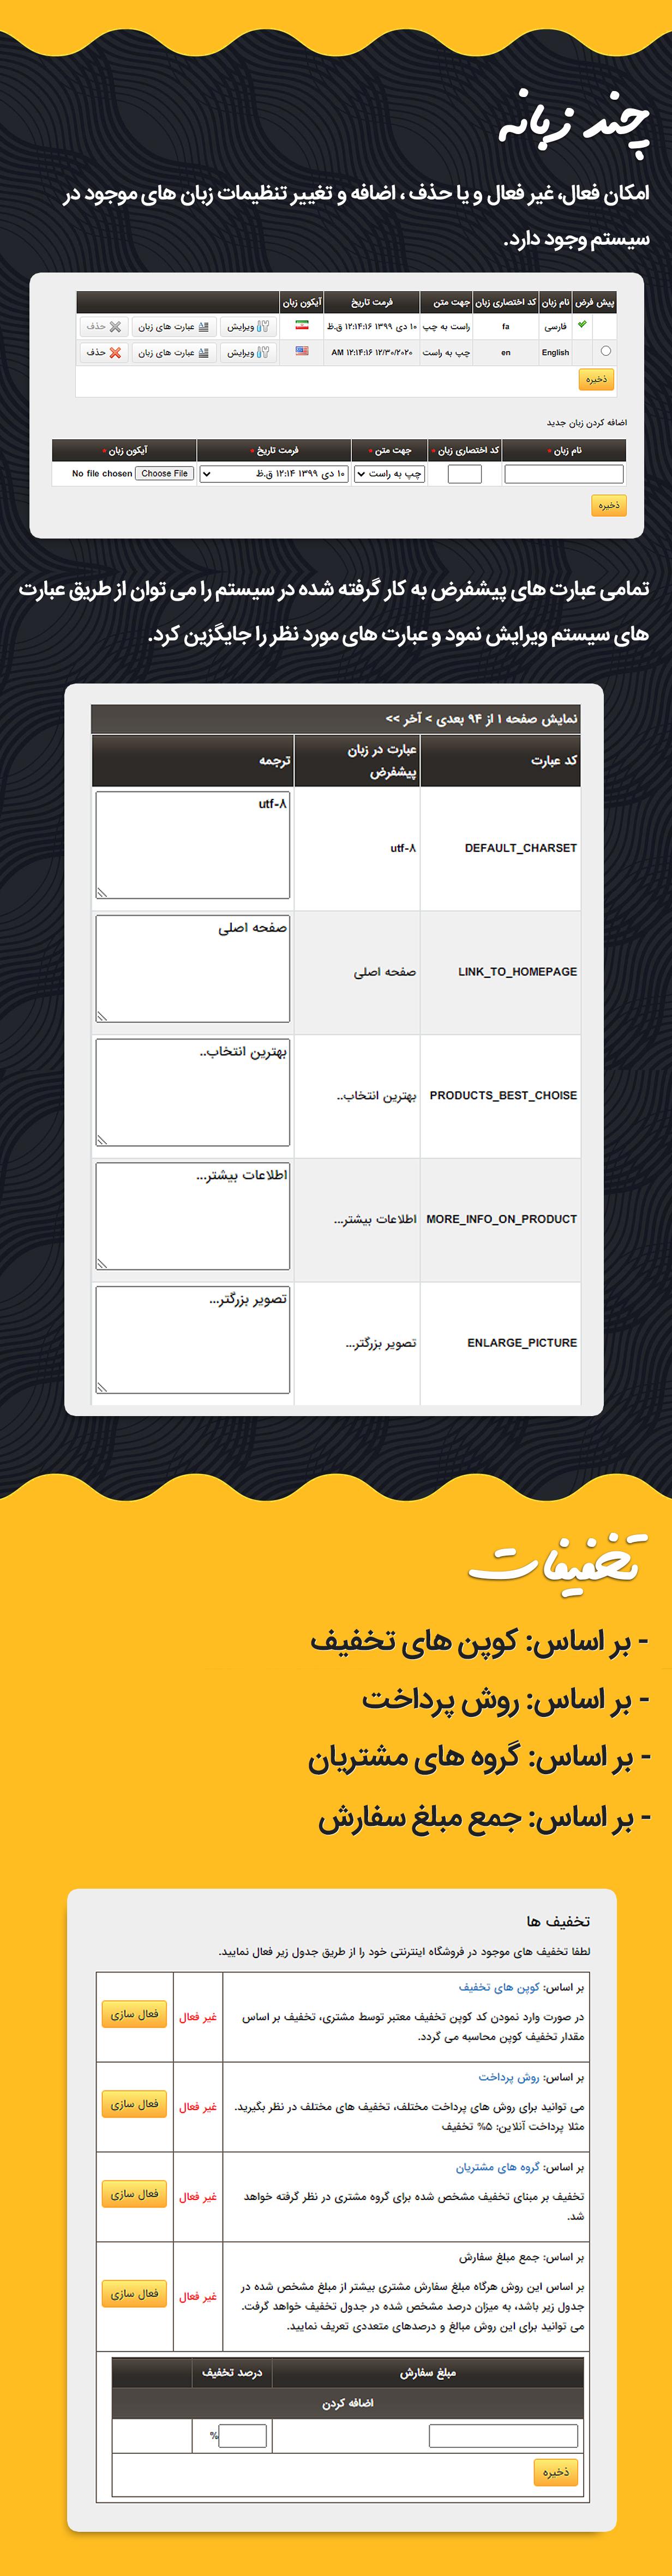 تخفیف در اسکریپت فارسی GNIK